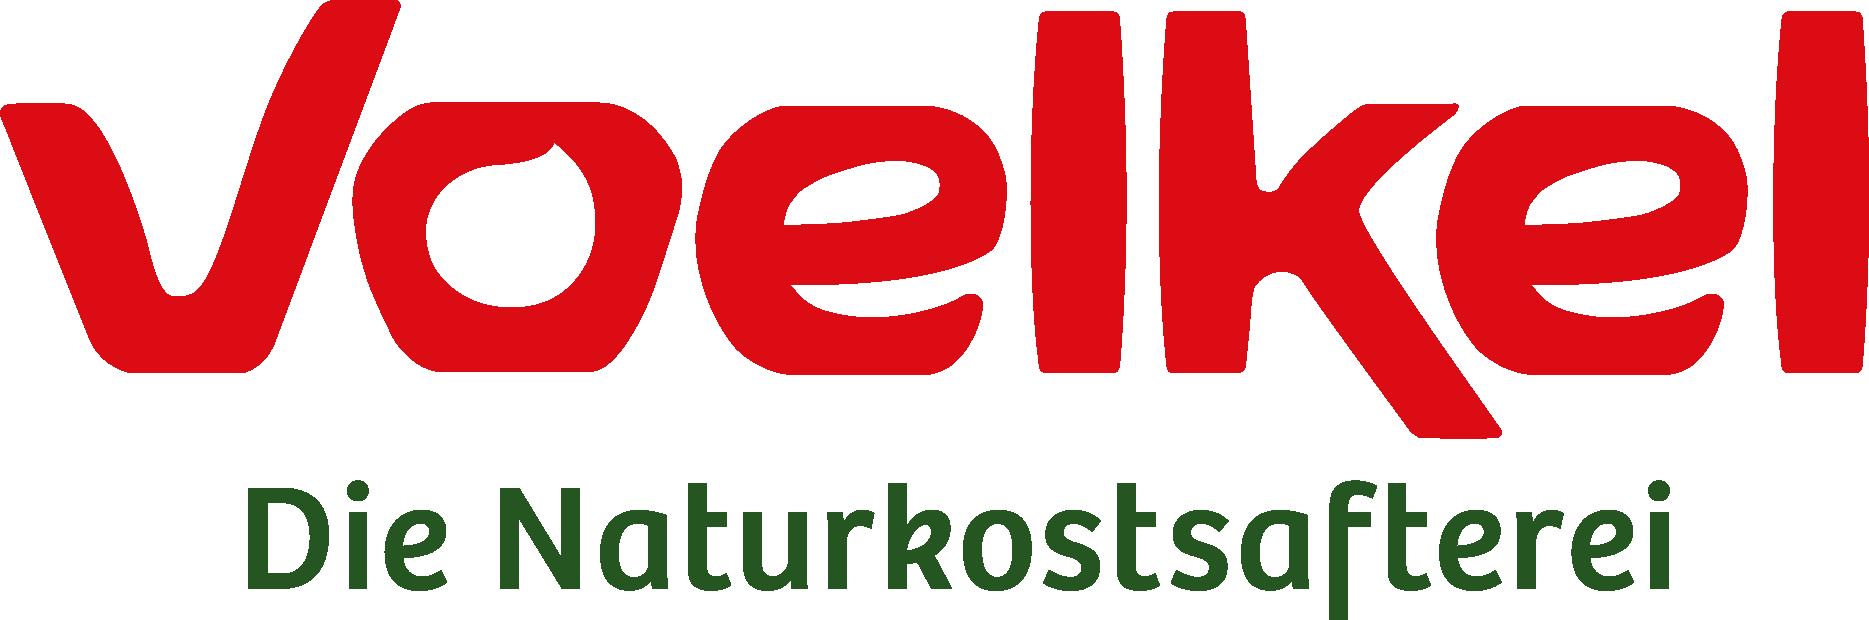 Voelkel GmbH